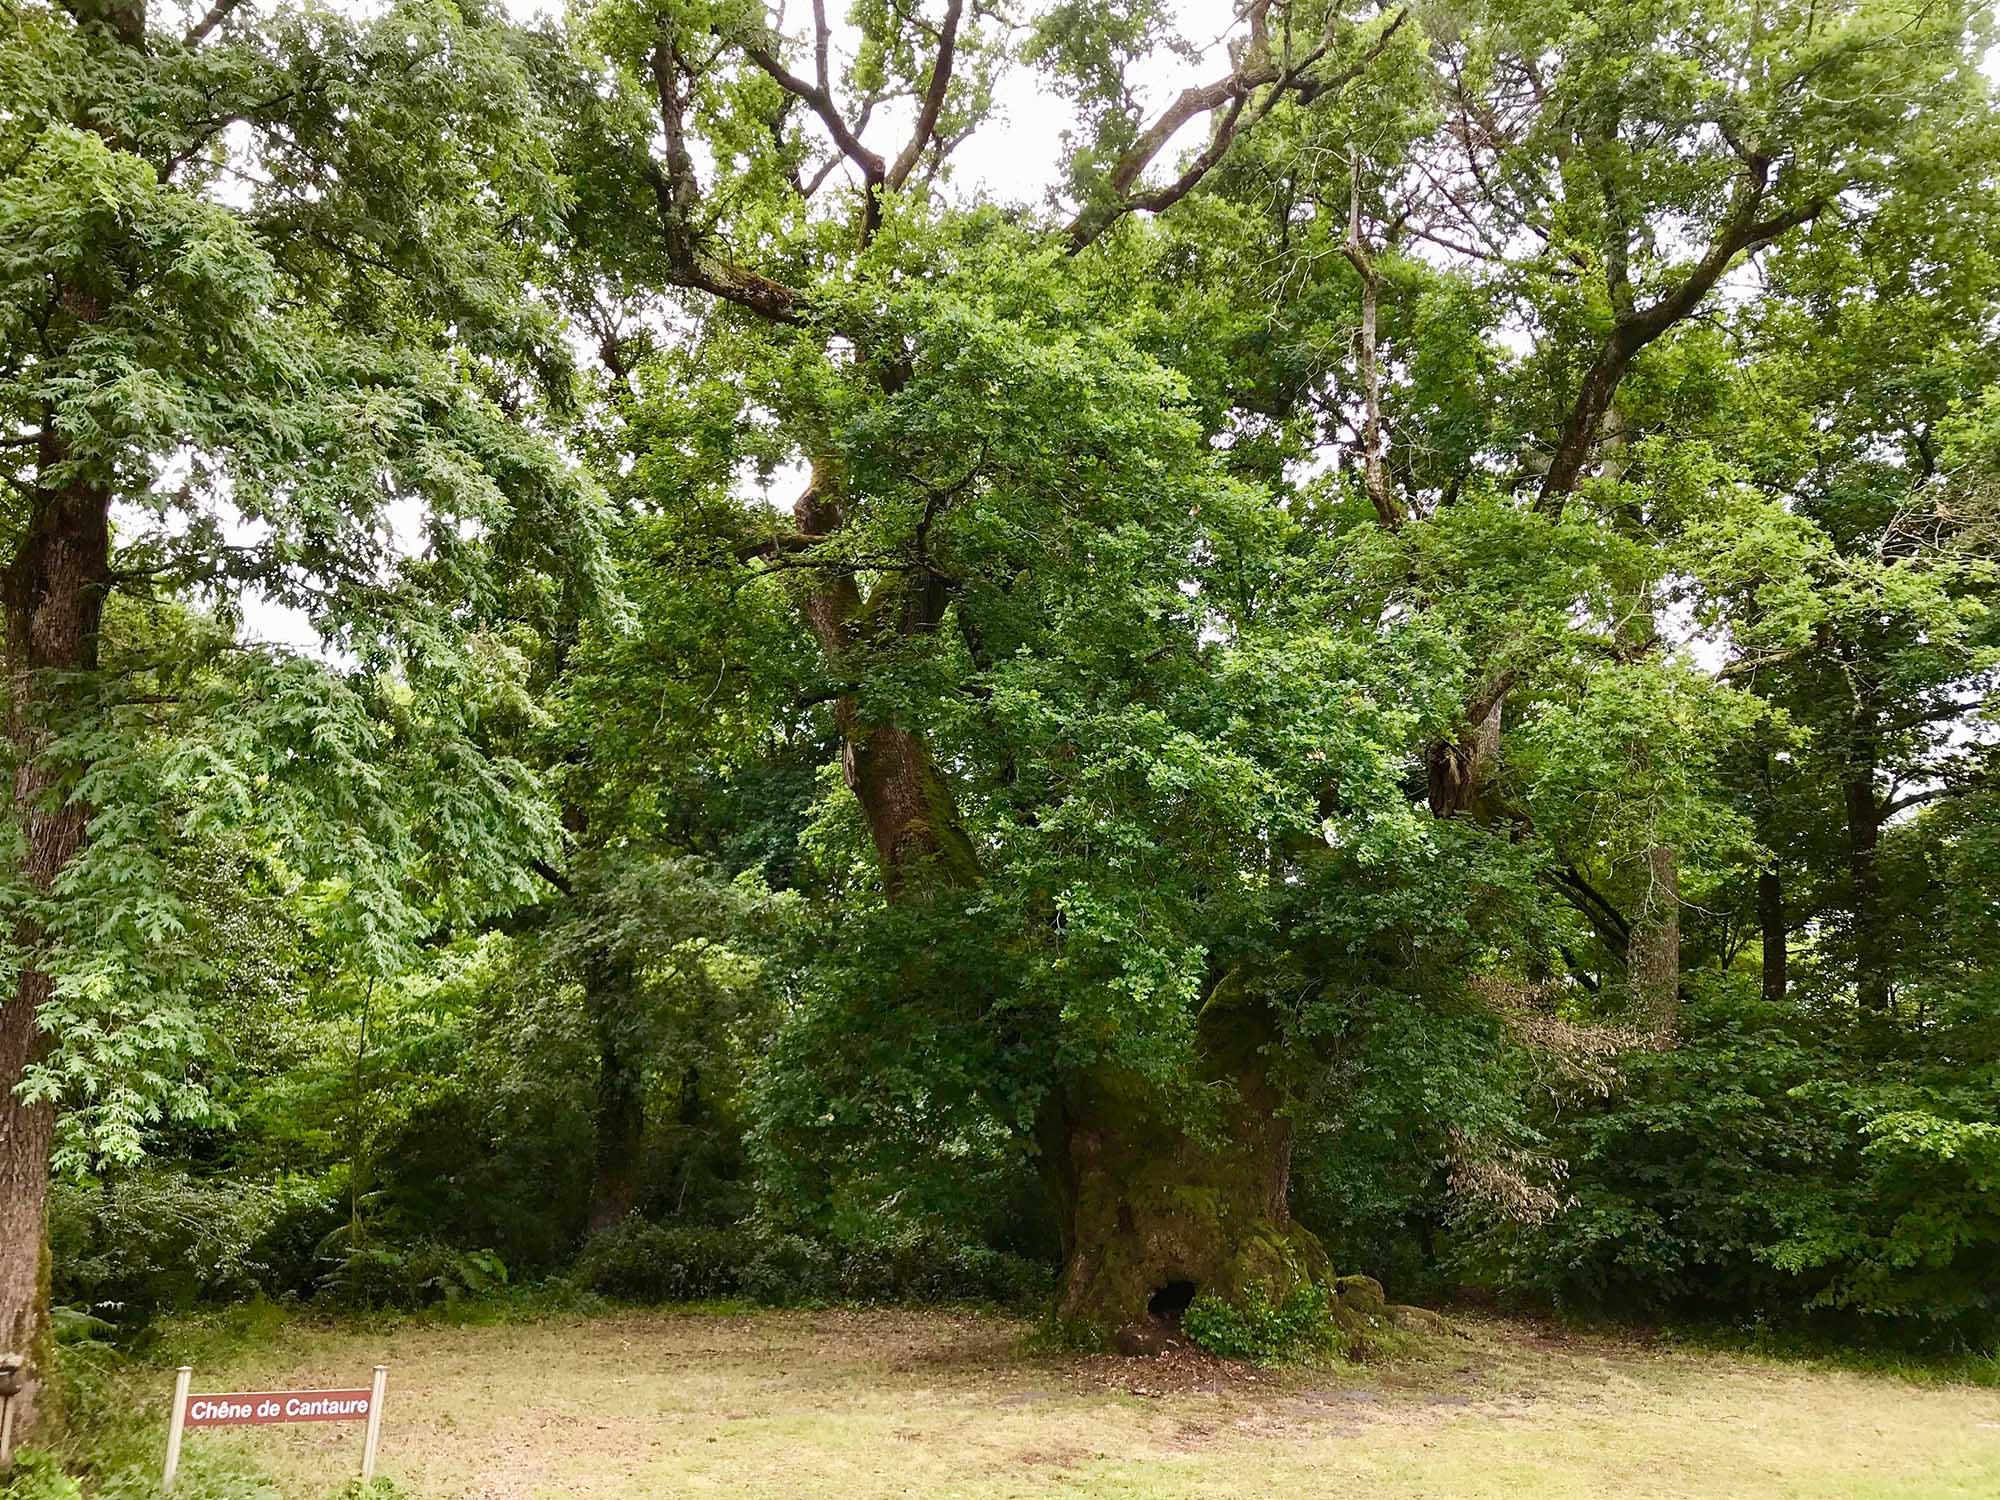 Le Chêne de Cantaure – Lüe